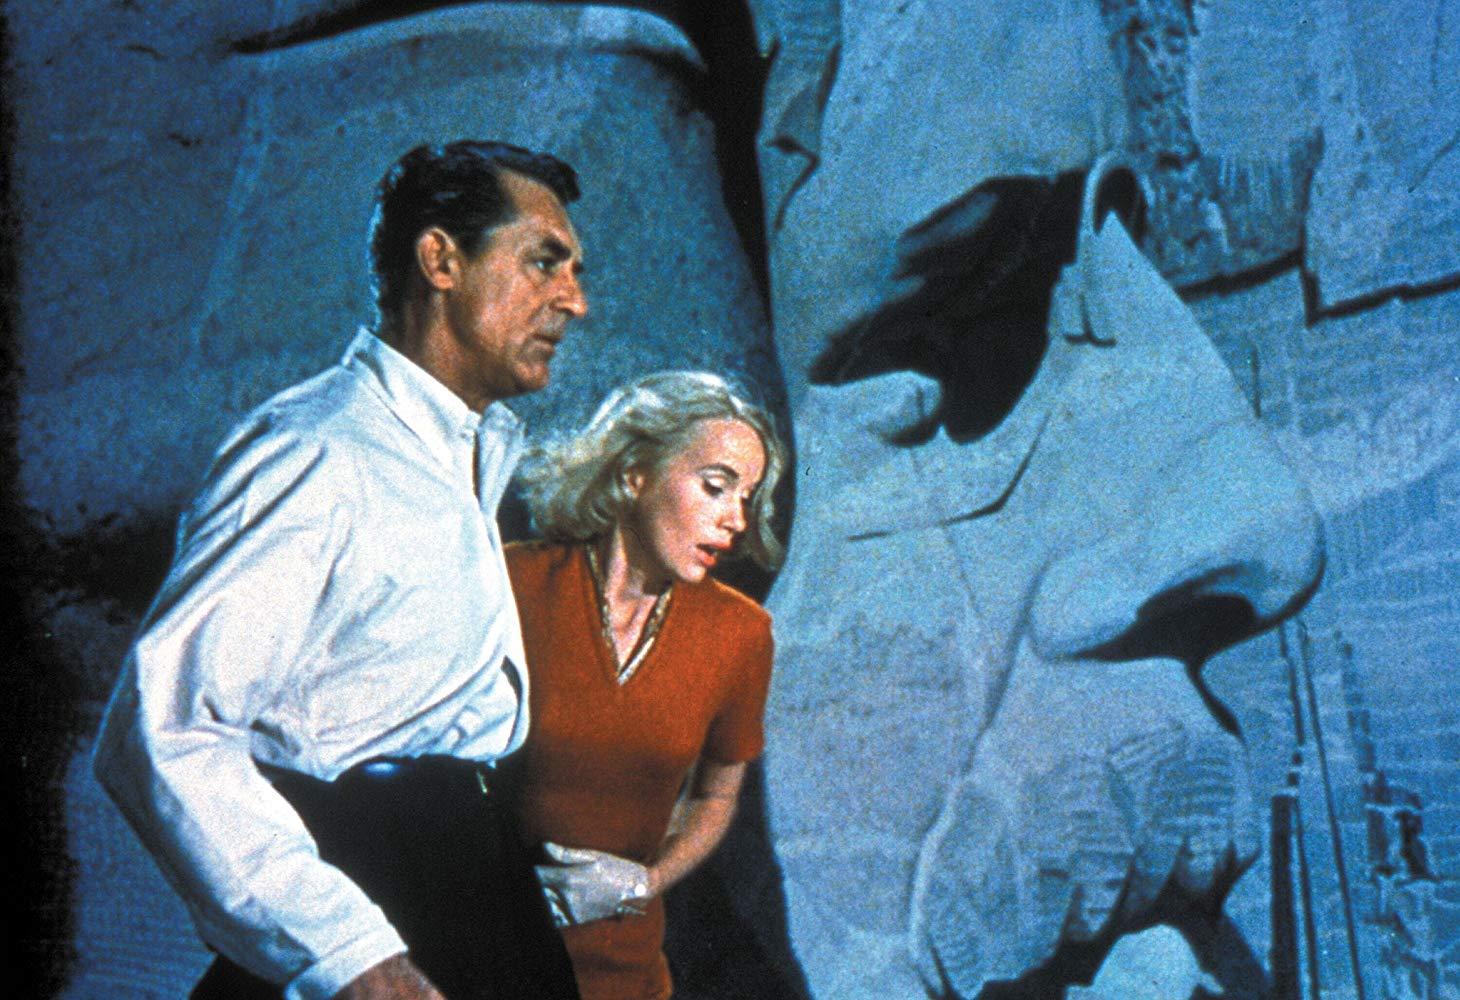 فیلم اکشن ممکن است وارد ژانرهای دیگر سینمایی نیز بشود و فیلم هایی را در ژانرهای درام، جنایی و تریلر نیز بیابیم که از آن ها با عنوان فیلم اکشن یاد می شود.